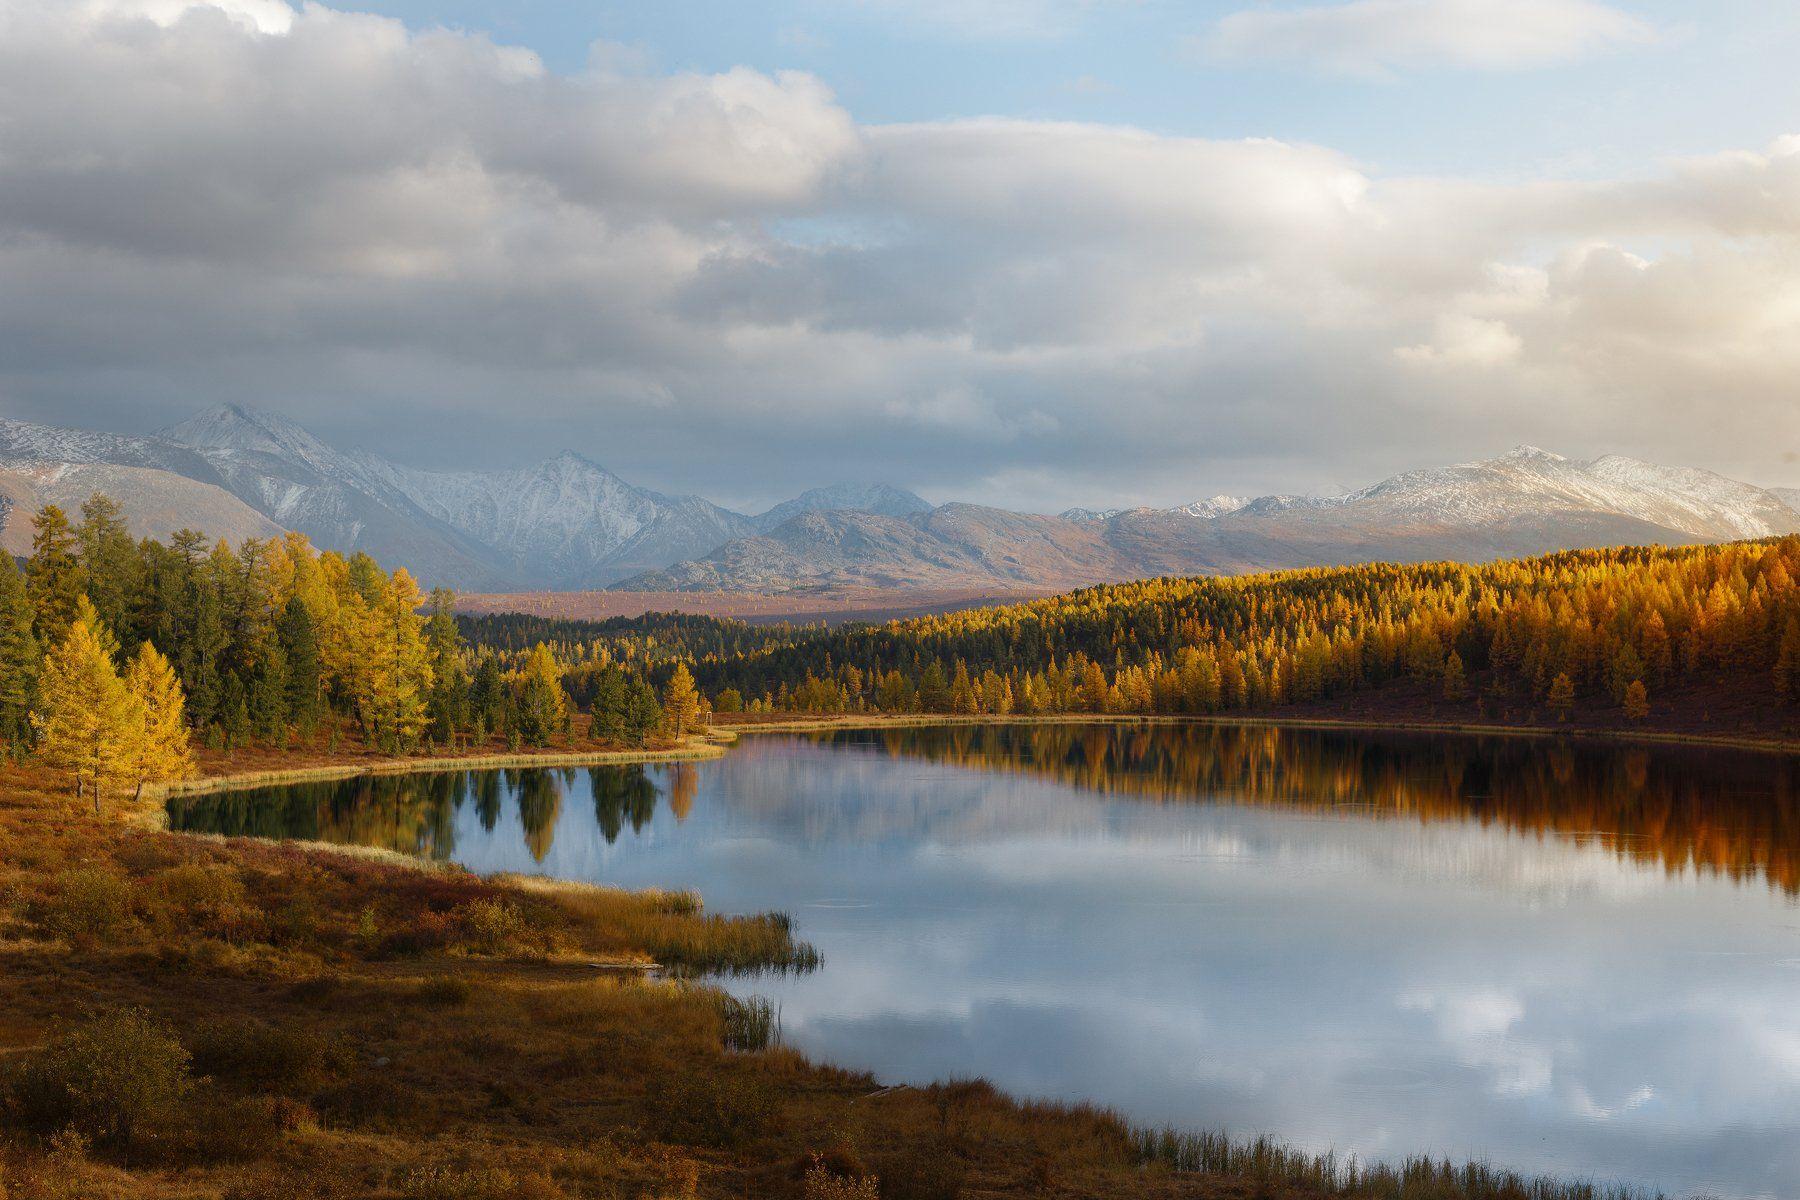 природа, пейзаж, закат, озеро, осень, алтай, горы, Попов Станислав